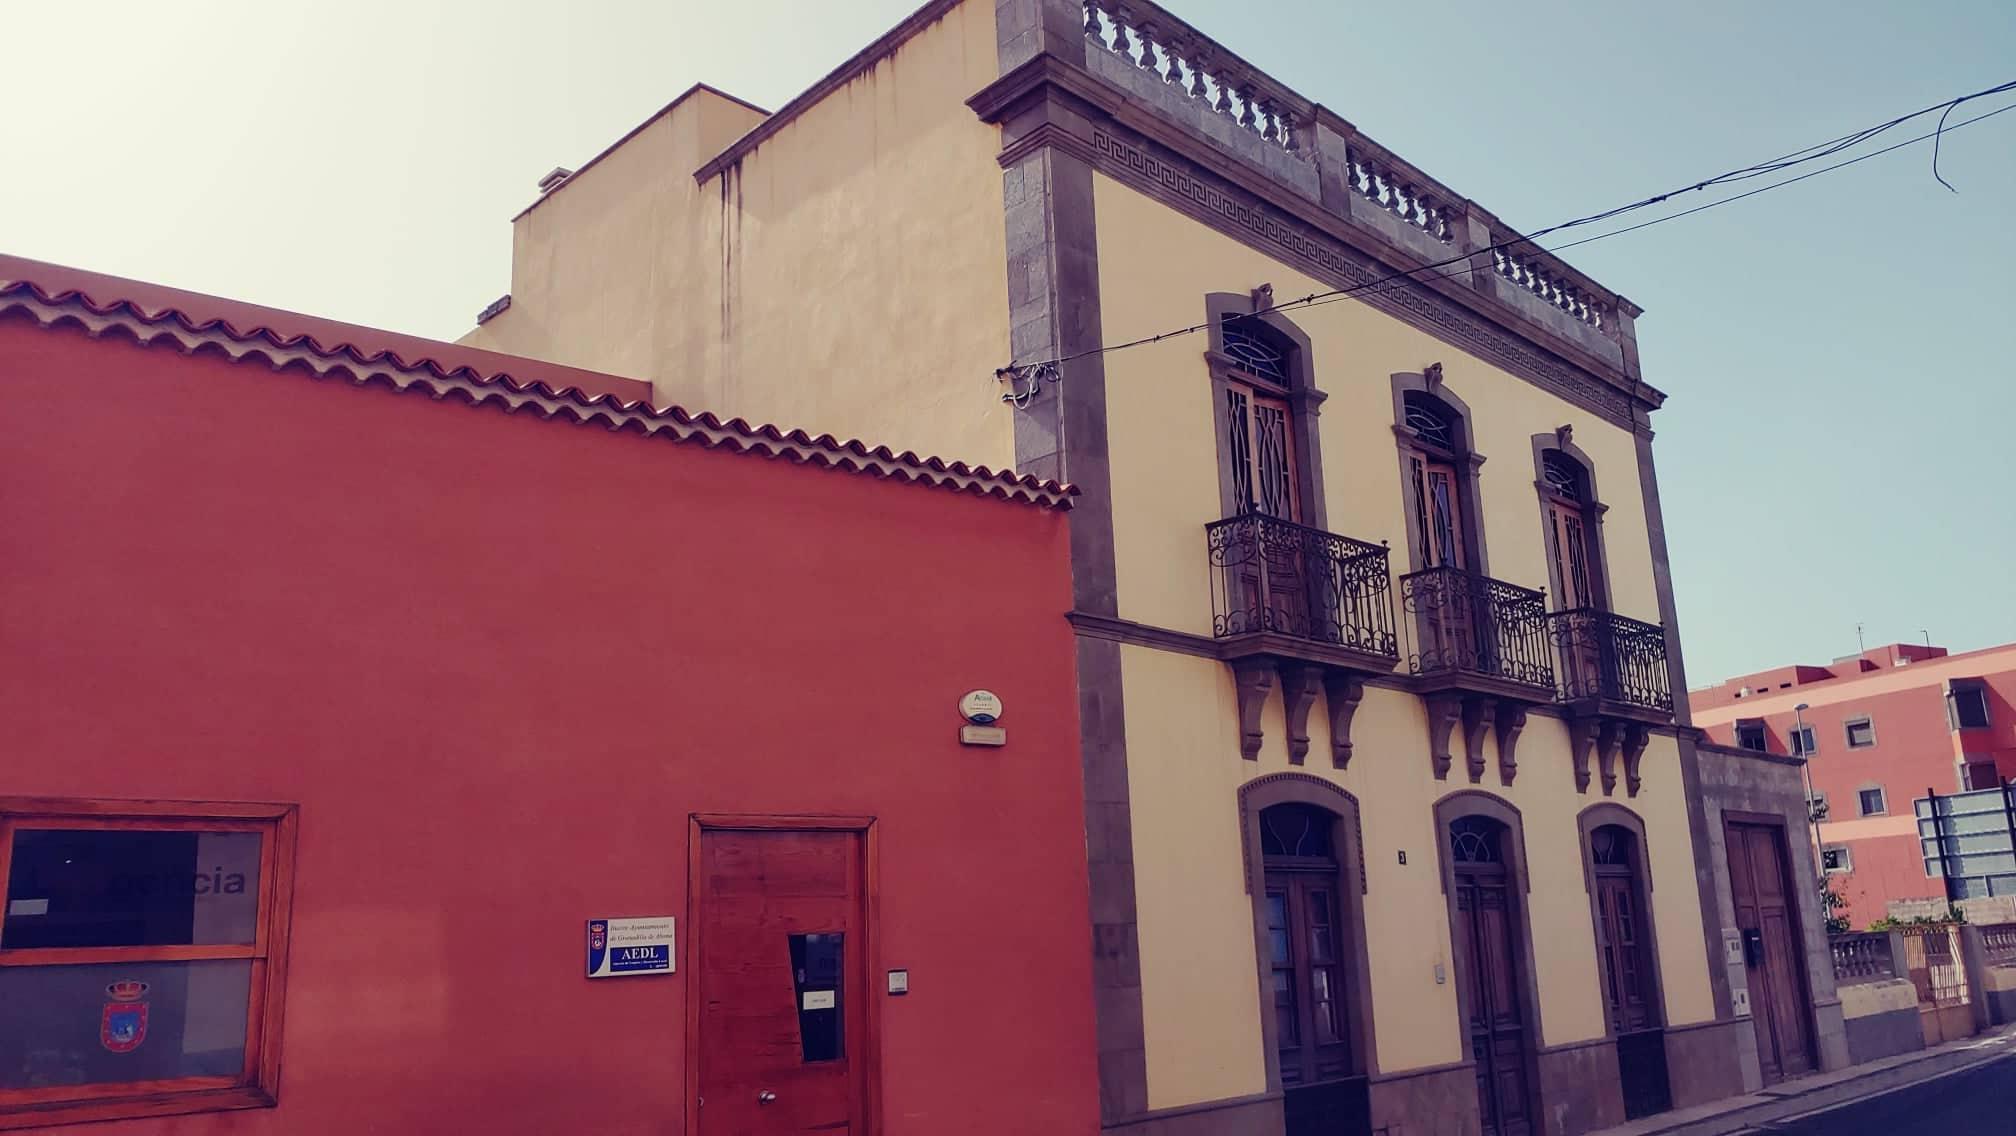 malebný dům v Granadille